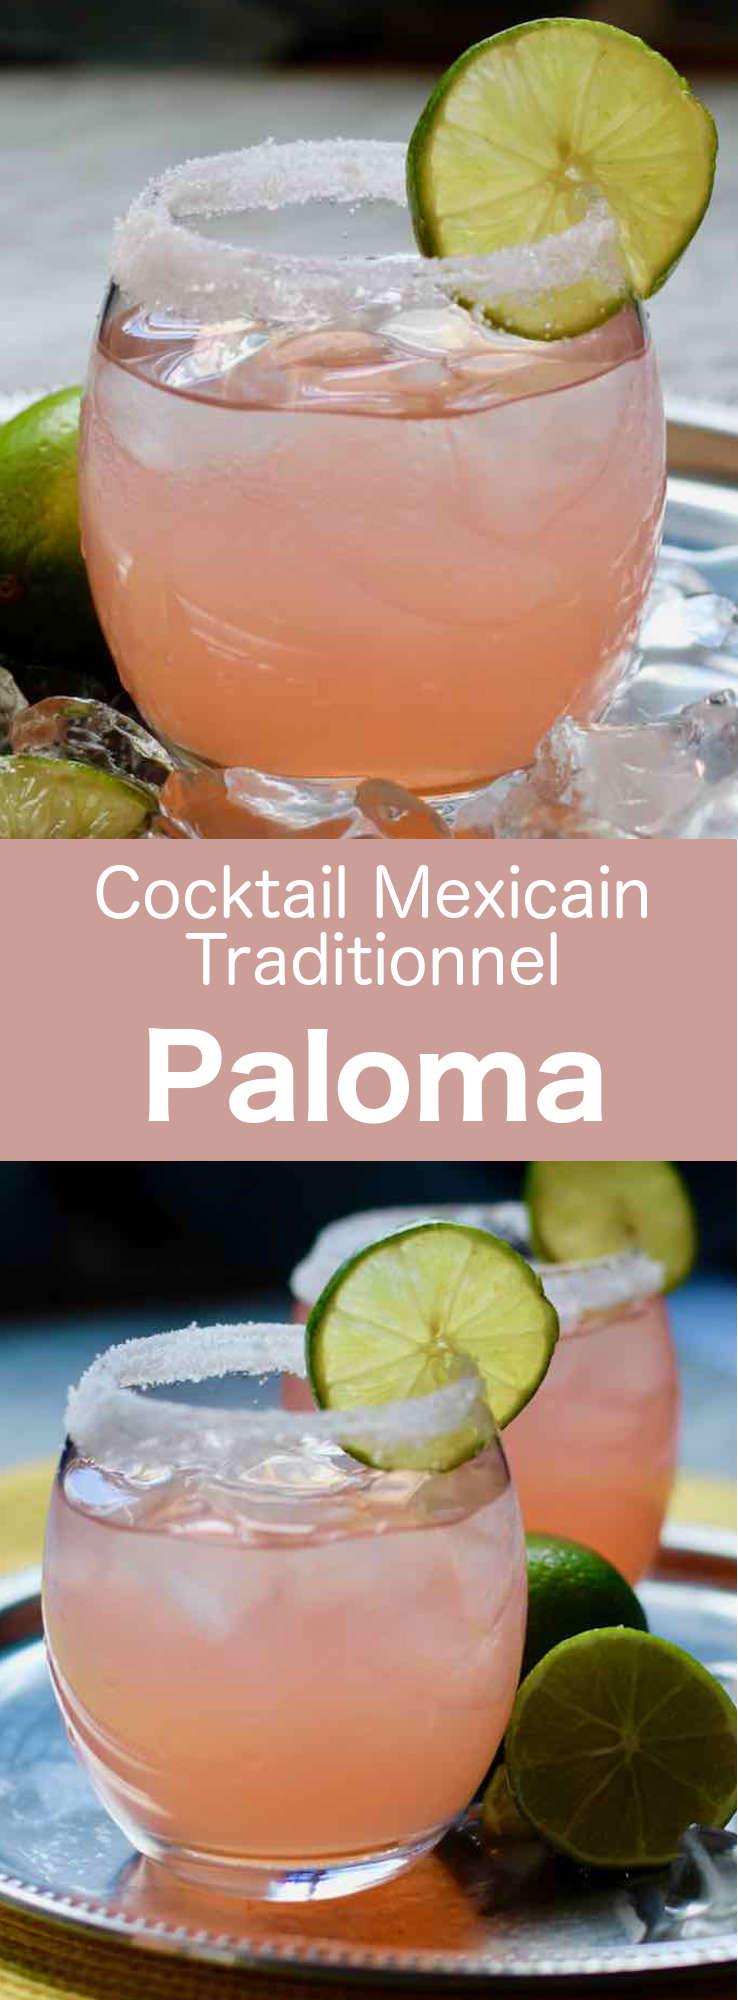 La paloma est un cocktail à base de tequila et de soda aromatisé au pamplemousse, servi avec des glaçons et une rondelle de citron vert. #Mexique #RecetteMexicaine #CocktailMexicain #Boisson Mexicaine #CuisineDuMonde #196flavors